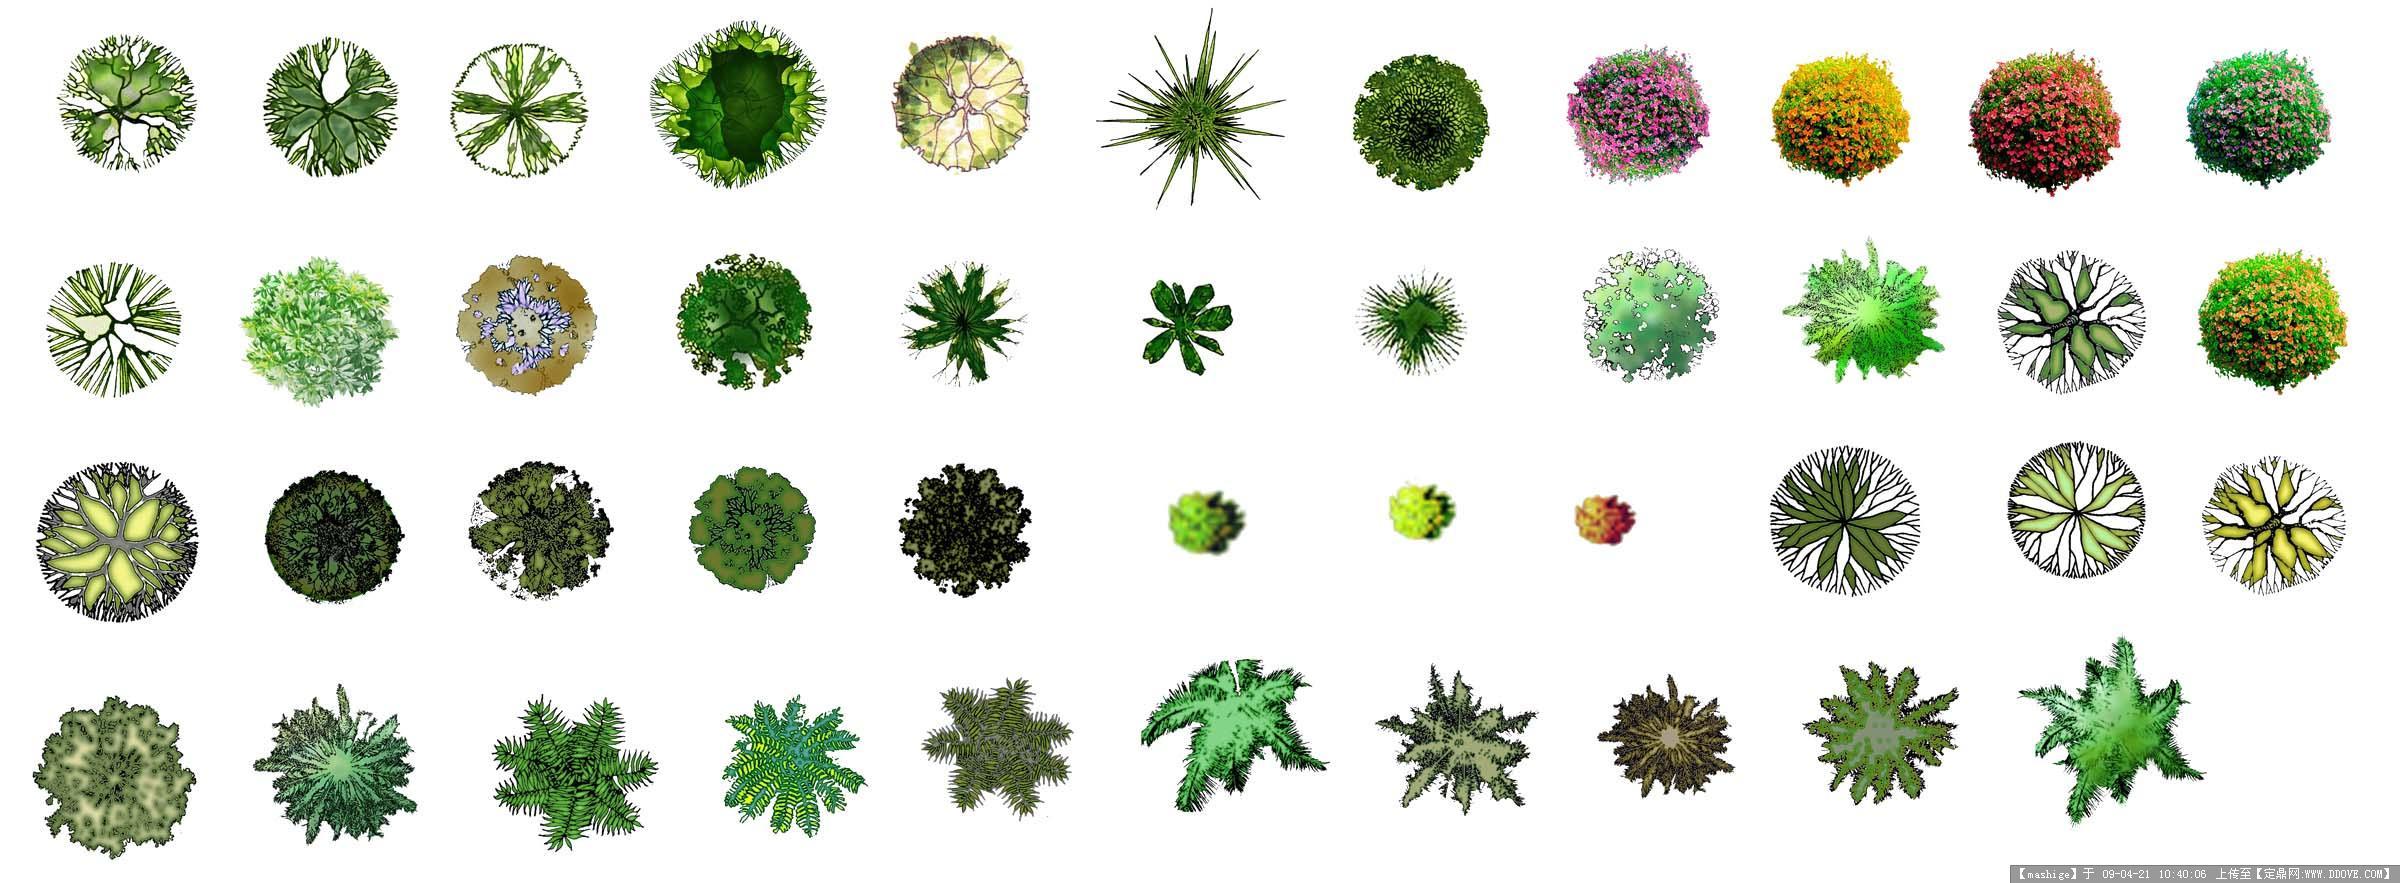 ps图库个人收集-植物,交通工具的图片浏览,配景素材